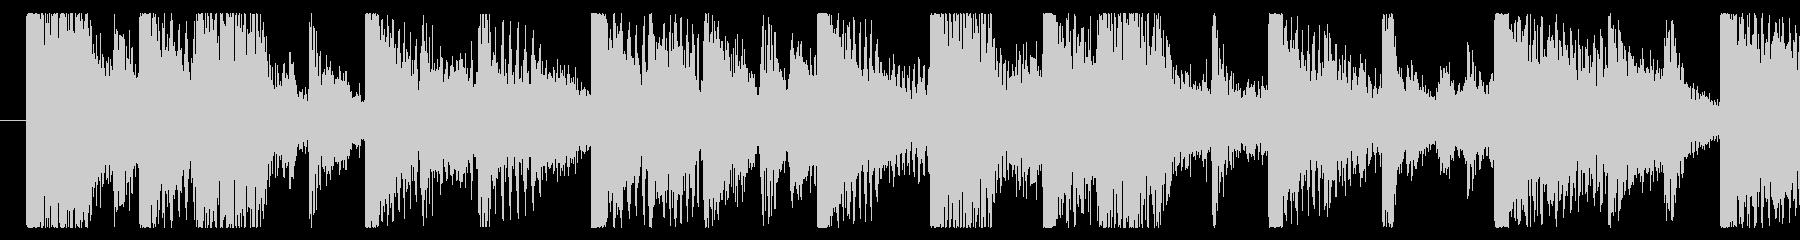 気分の上がるファンクロック-ループ2の未再生の波形